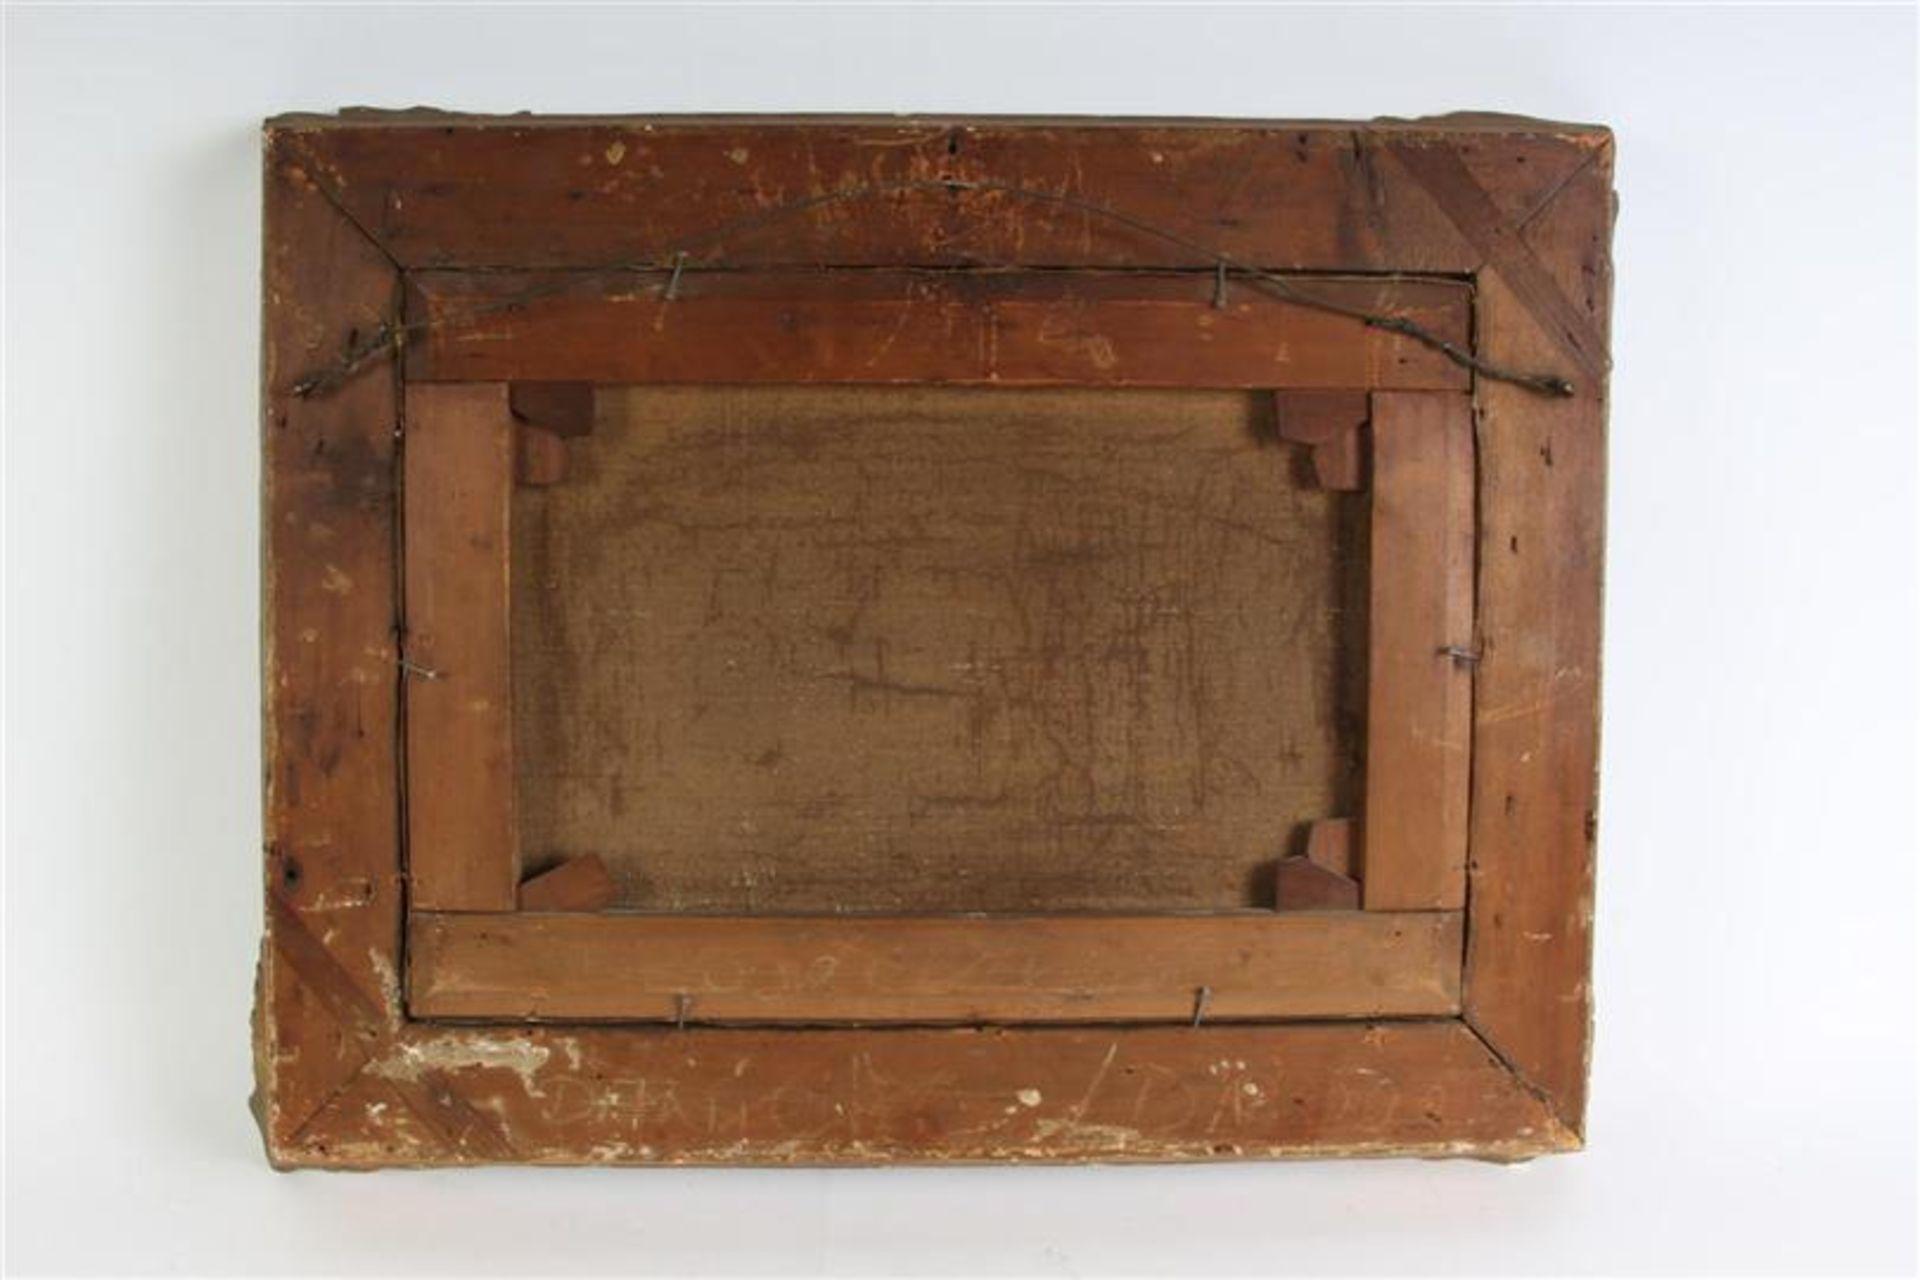 Schilderij, olieverf op doek, 'Zeegezicht', naar H. Koekoek. HxB: 30 x 42 cm. - Bild 4 aus 4